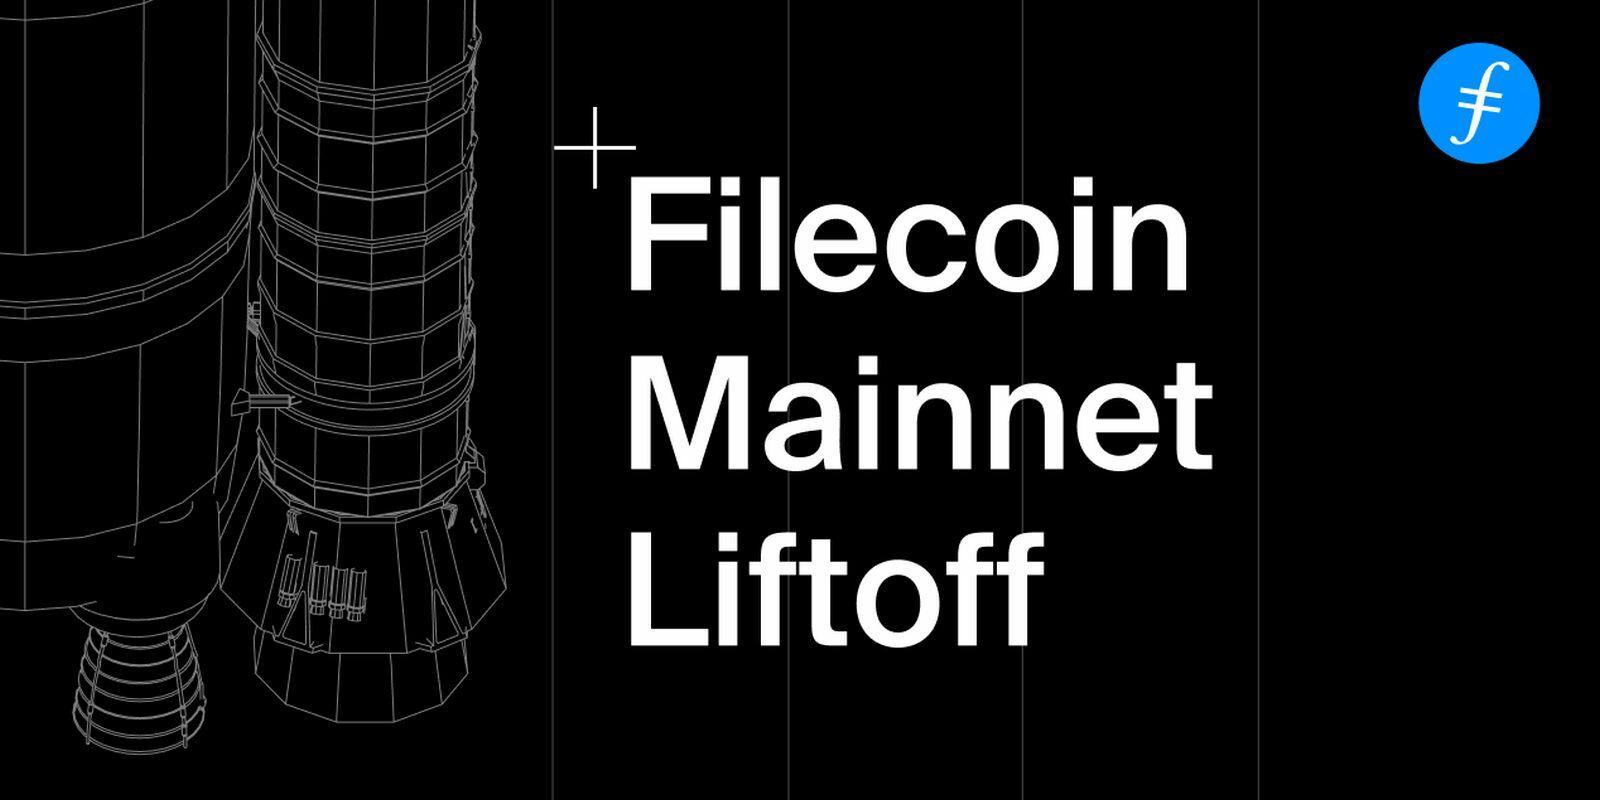 Filecoin lance son mainnet, le cours du FIL bondit